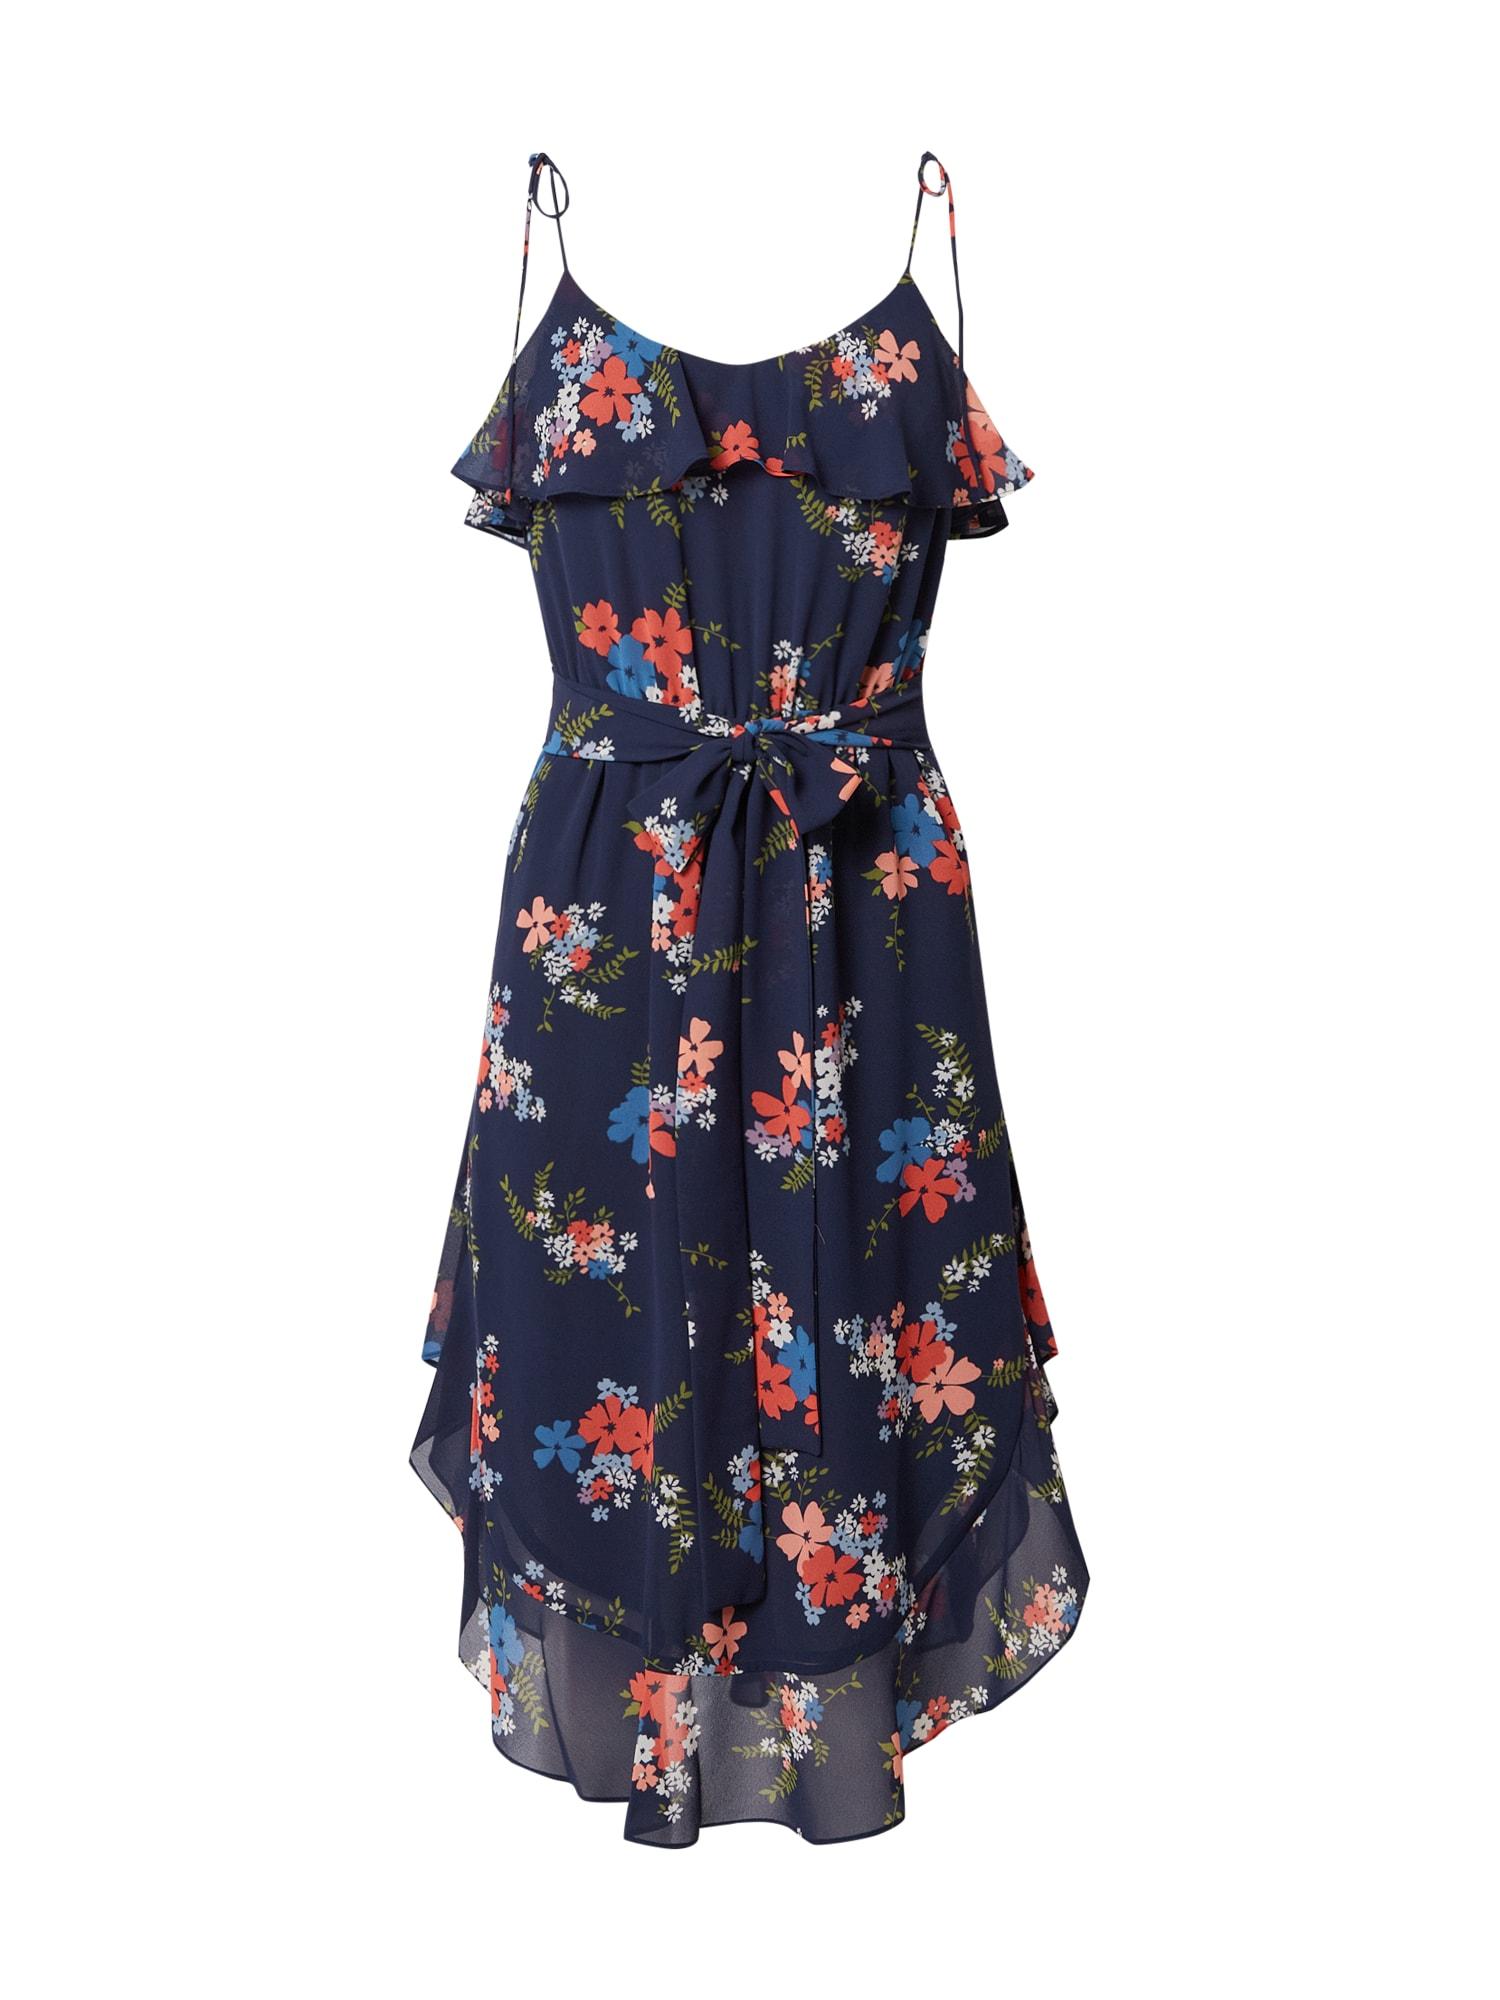 MICHAEL Michael Kors Vasarinė suknelė tamsiai mėlyna / dangaus žydra / purpurinė / granatų spalva / koralų splava / žolės žalia